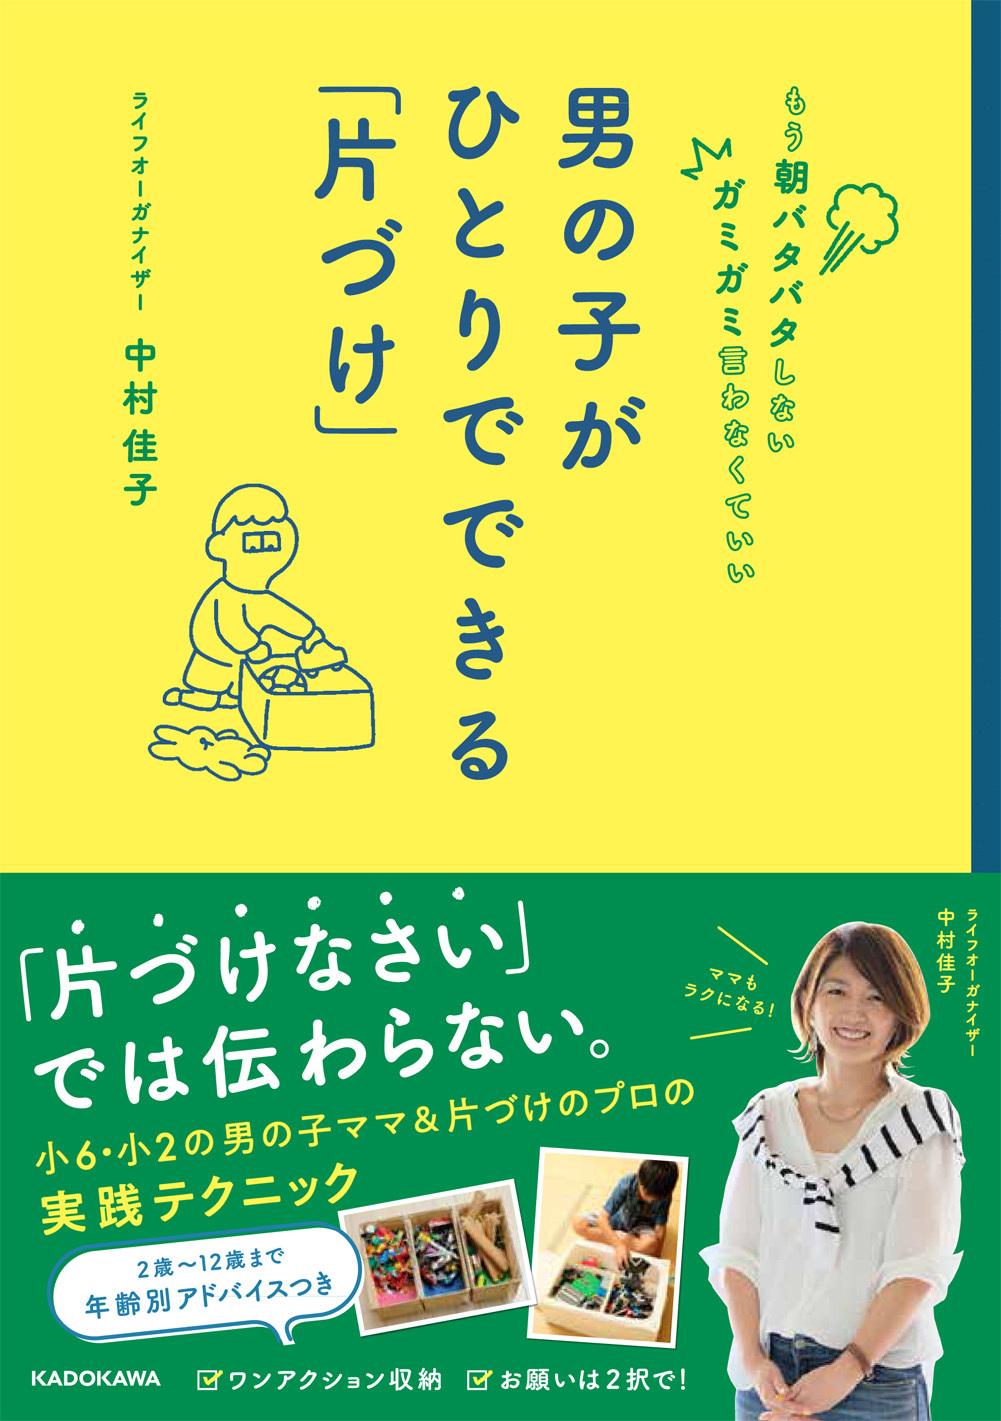 サイン入り書籍『男の子がひとりでできる「片づけ」』